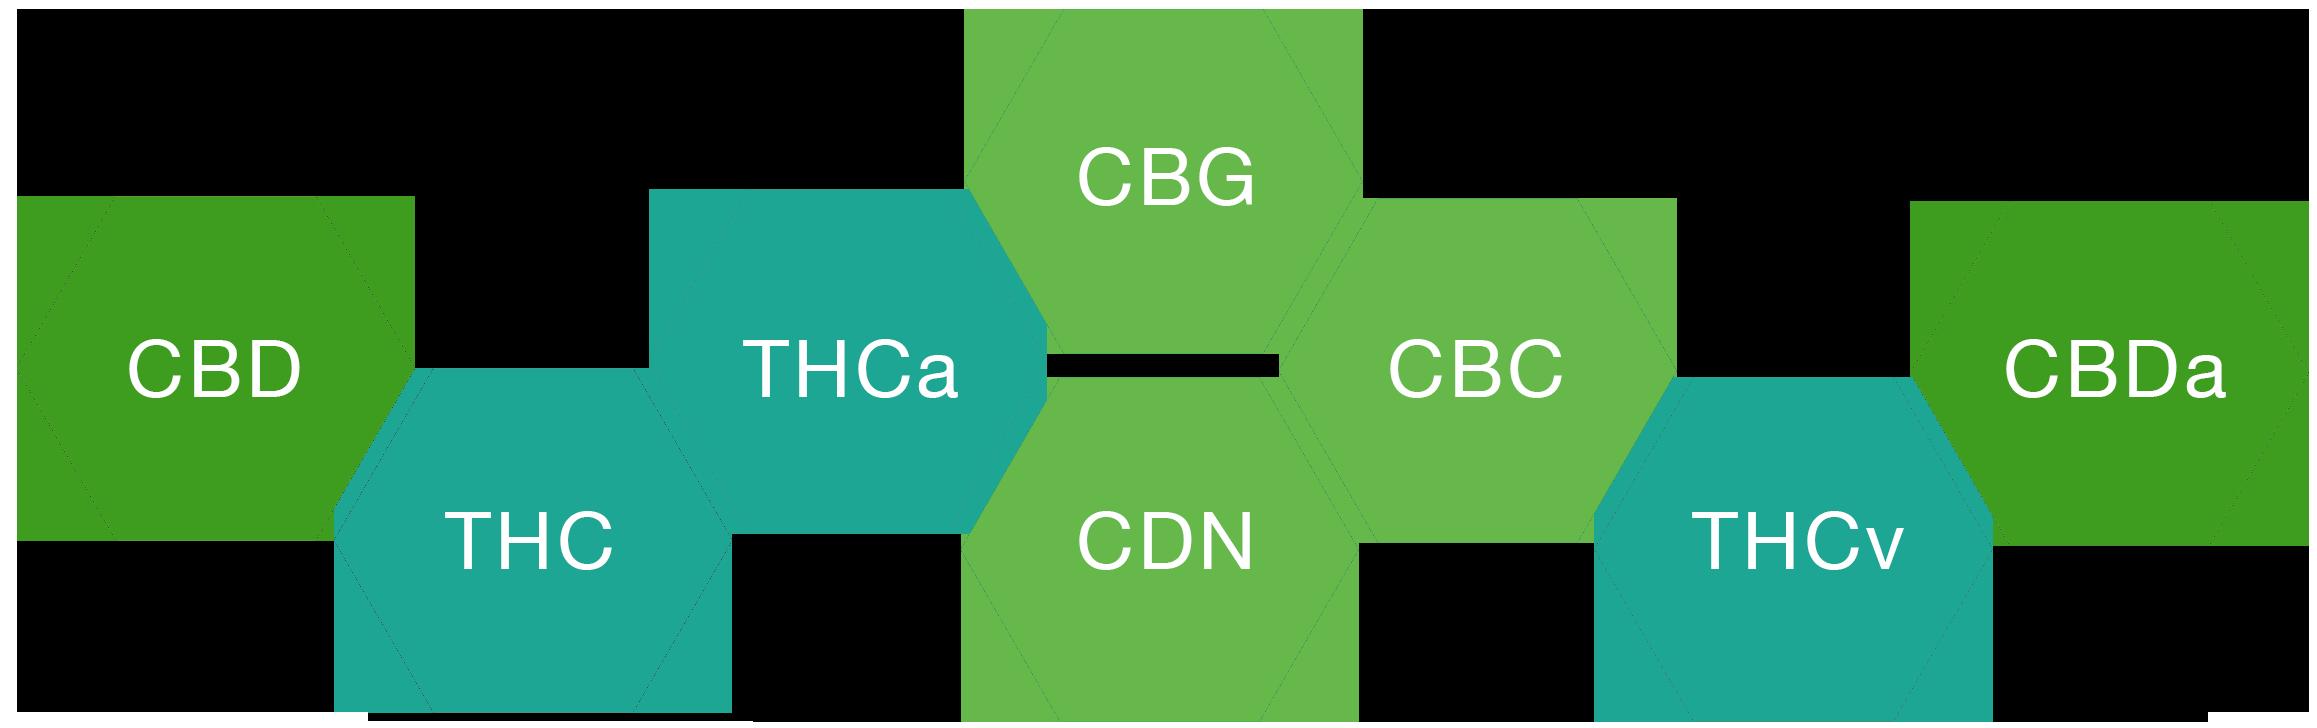 cbd full spectrum diagram